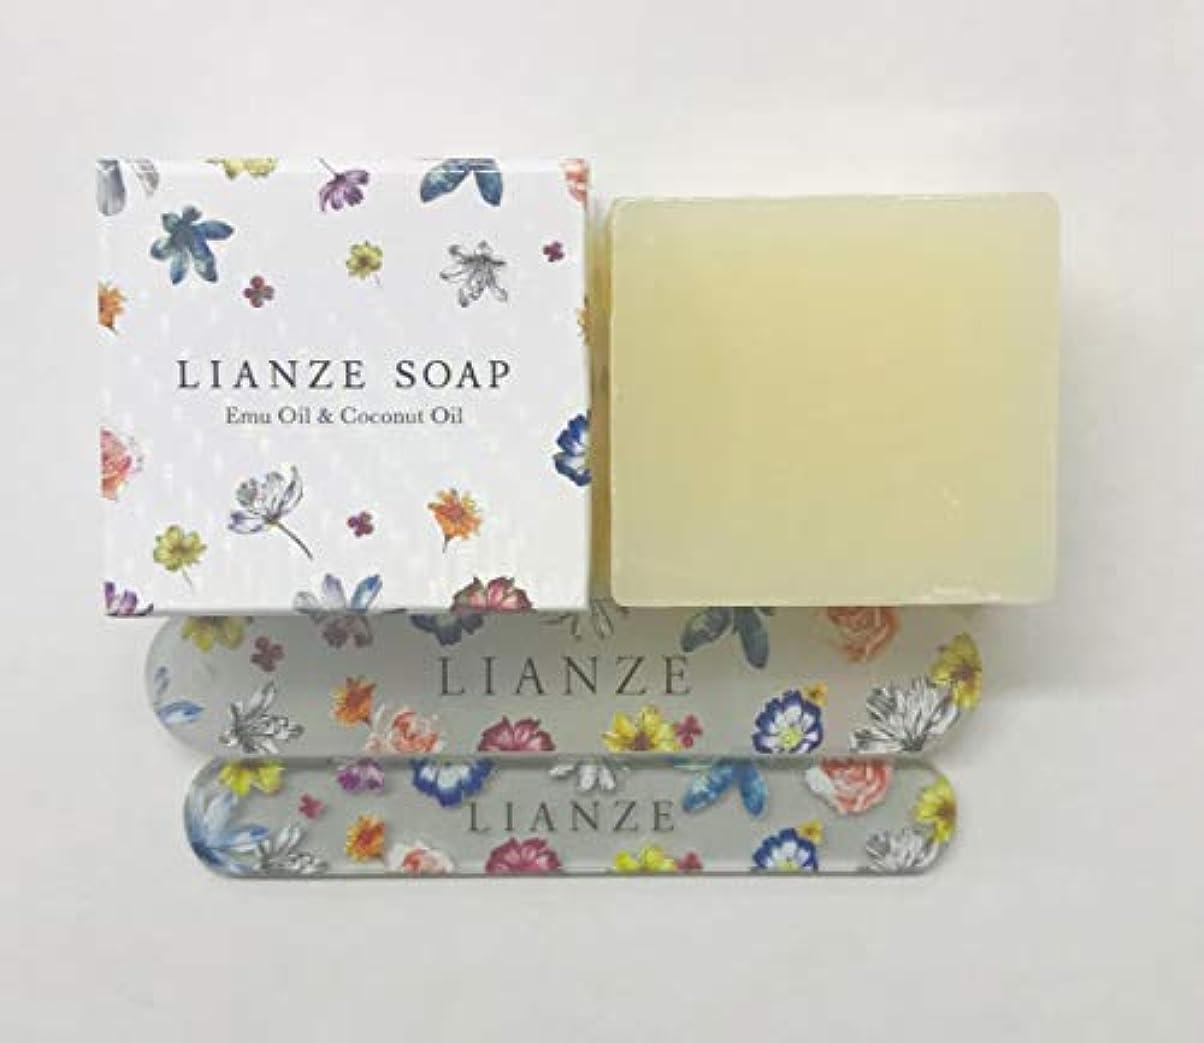 ステージ踏み台処理ギフト プレゼント [ LIANZE ギフトセット ] 洗顔 石鹸 爪磨き